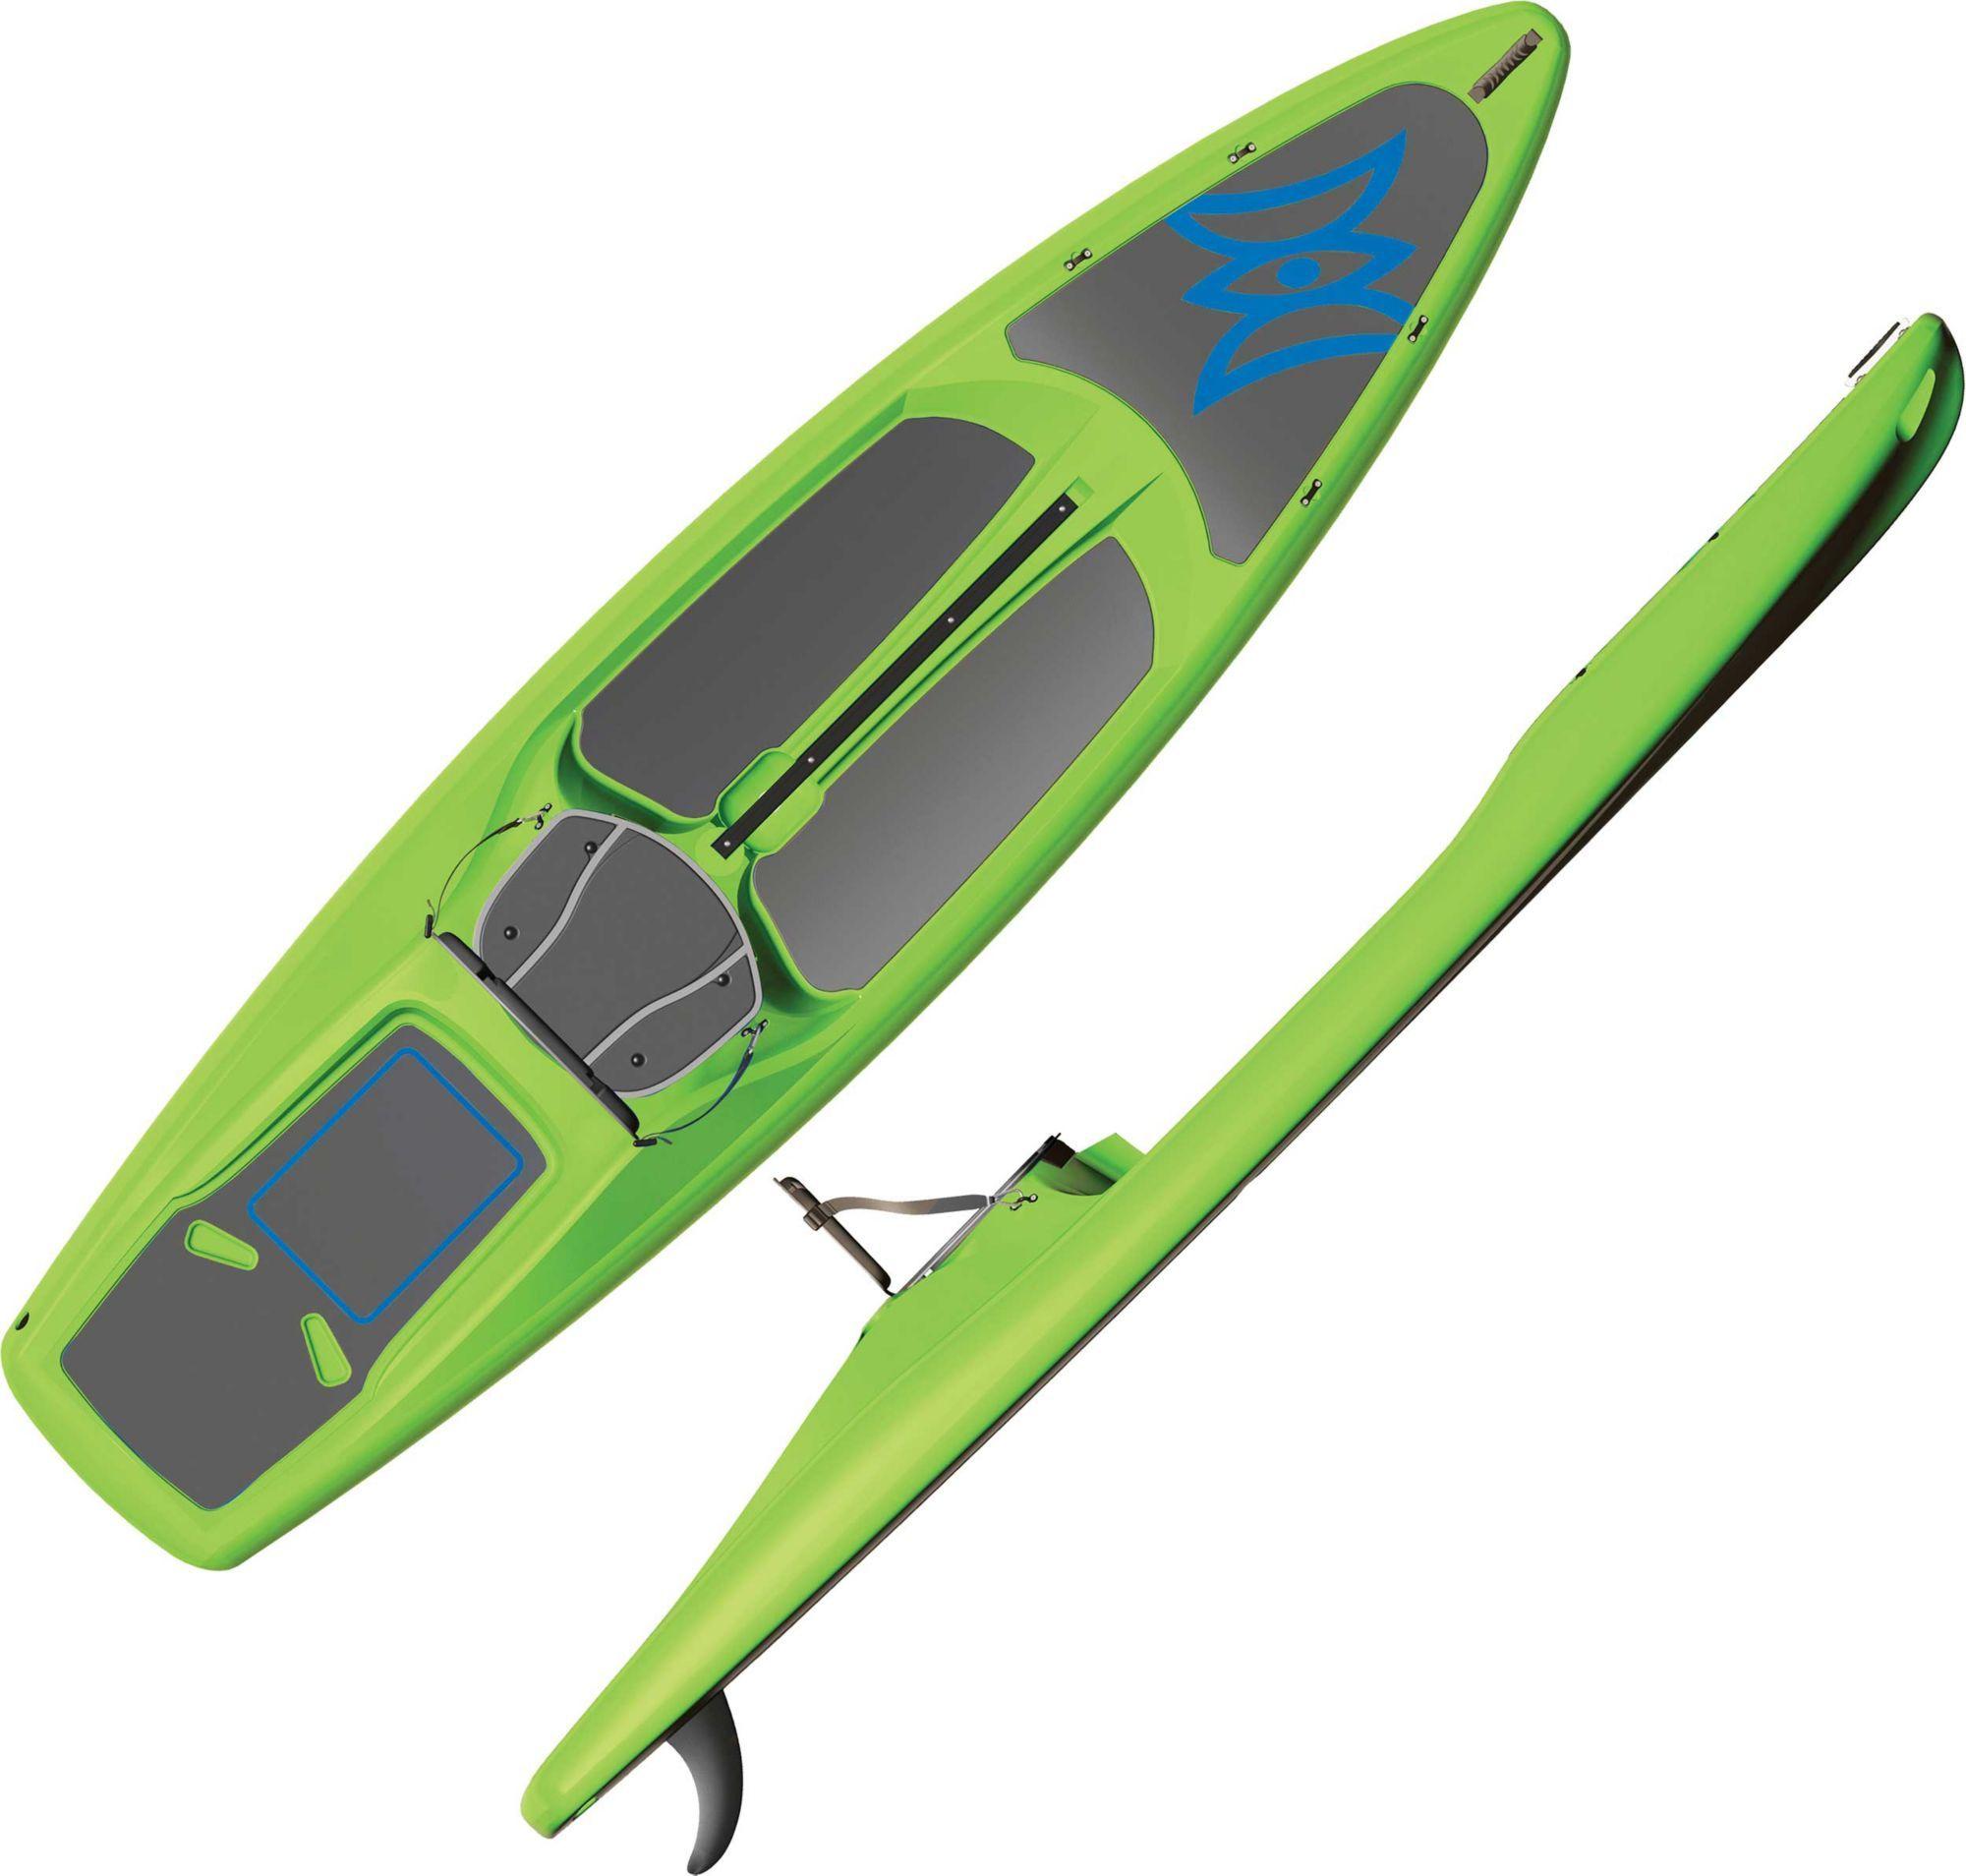 Perception Hi Life 11 Kayak, Green Kayak fishing